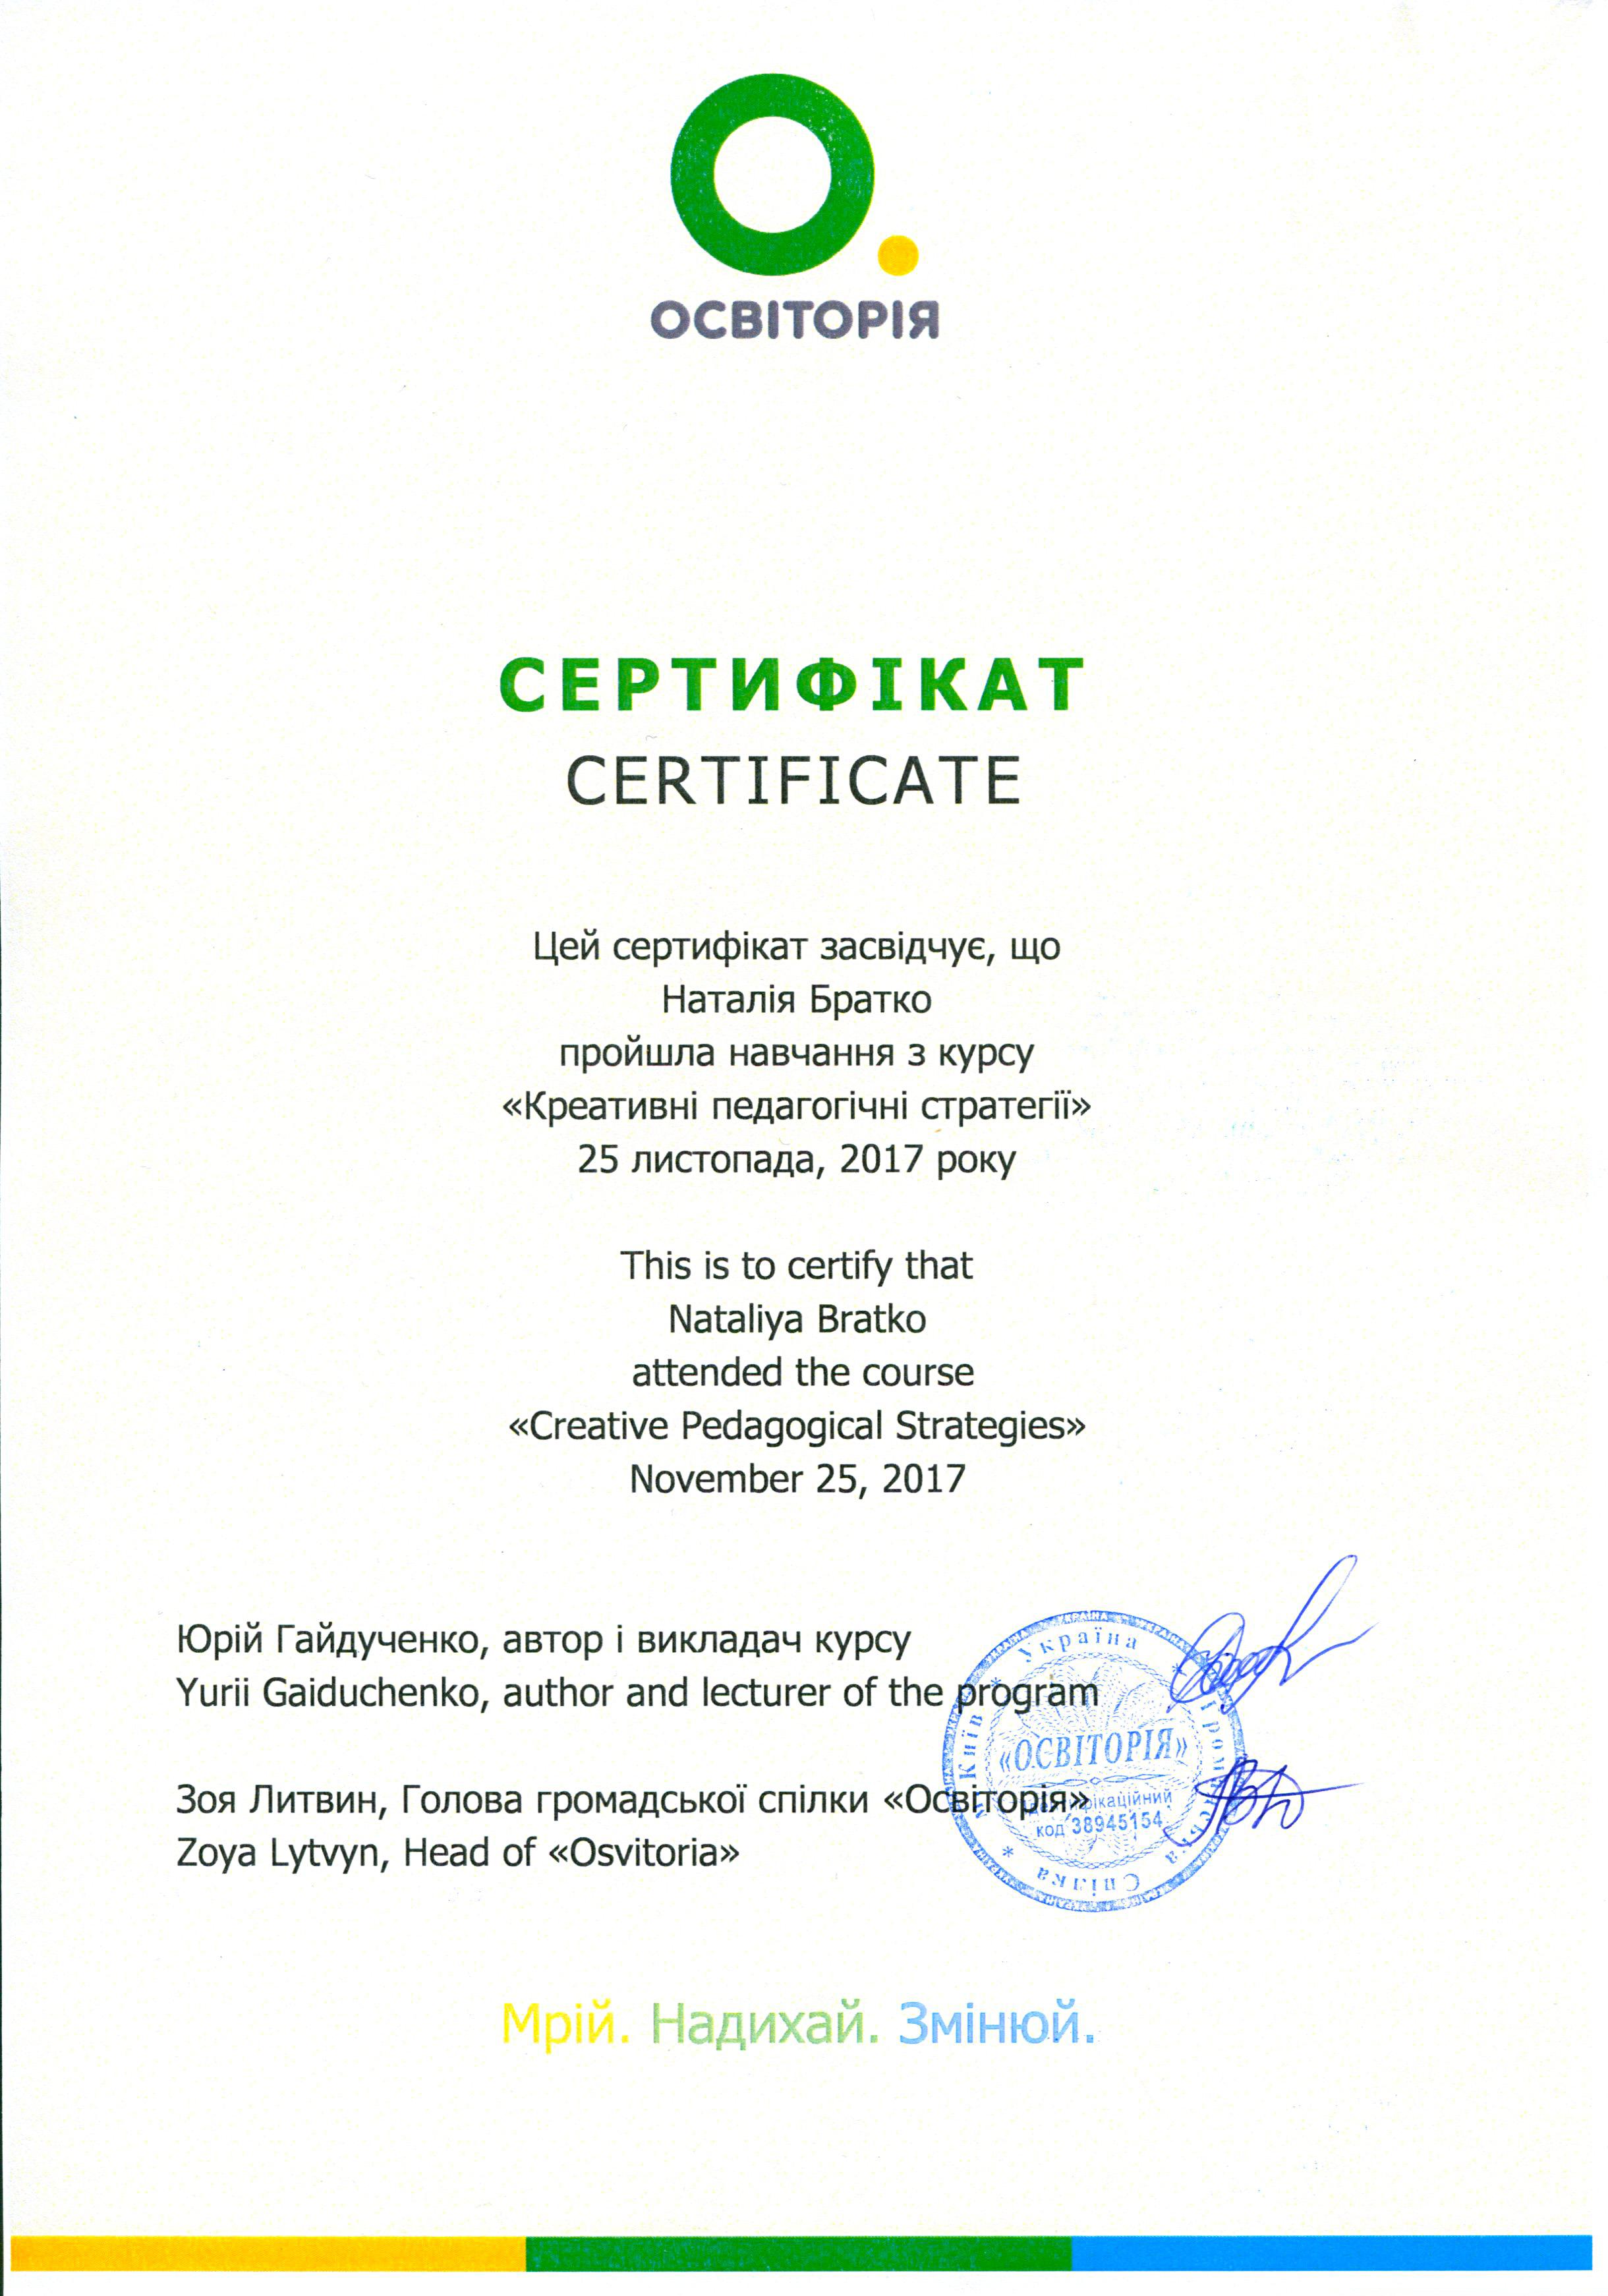 20171125_certificate-creative-pedagogical-strategies-osvitoria